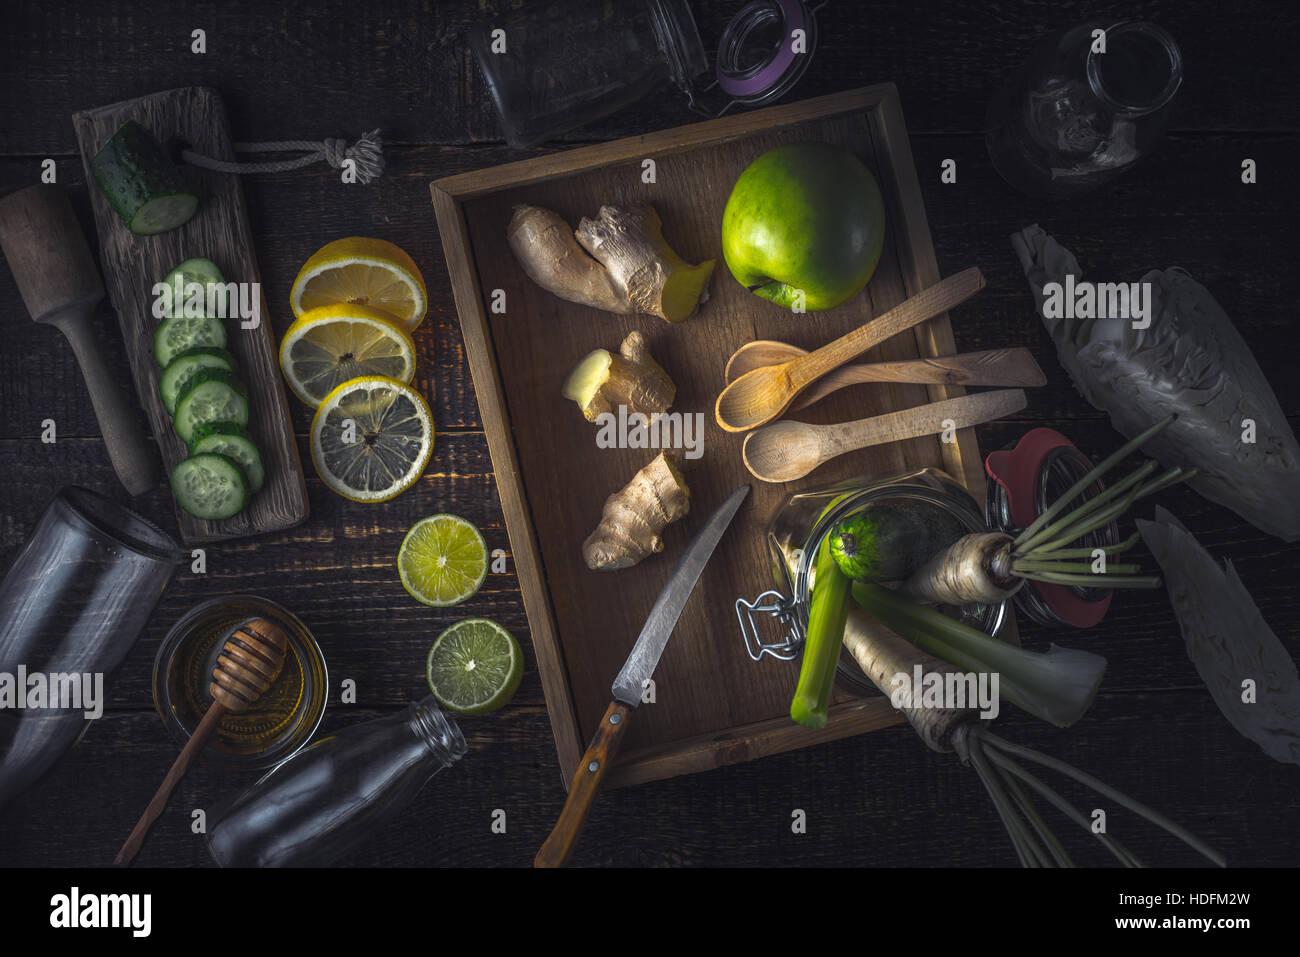 Ingrédients pour smoothie vert sur la vue de dessus de table en bois Photo Stock